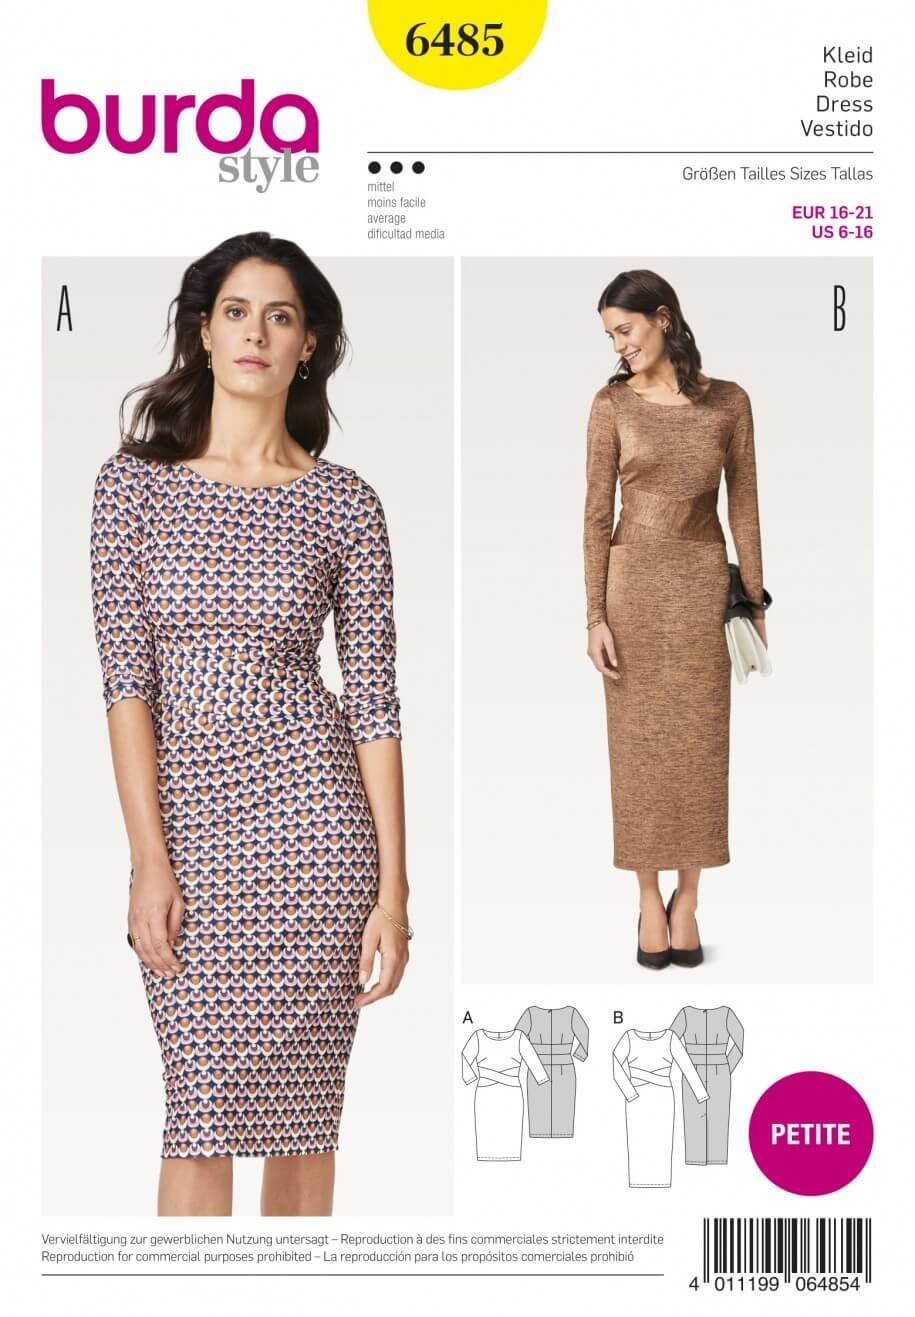 Burda Style Women's Petite Crisscross Waistband Dress Sewing Pattern 6485